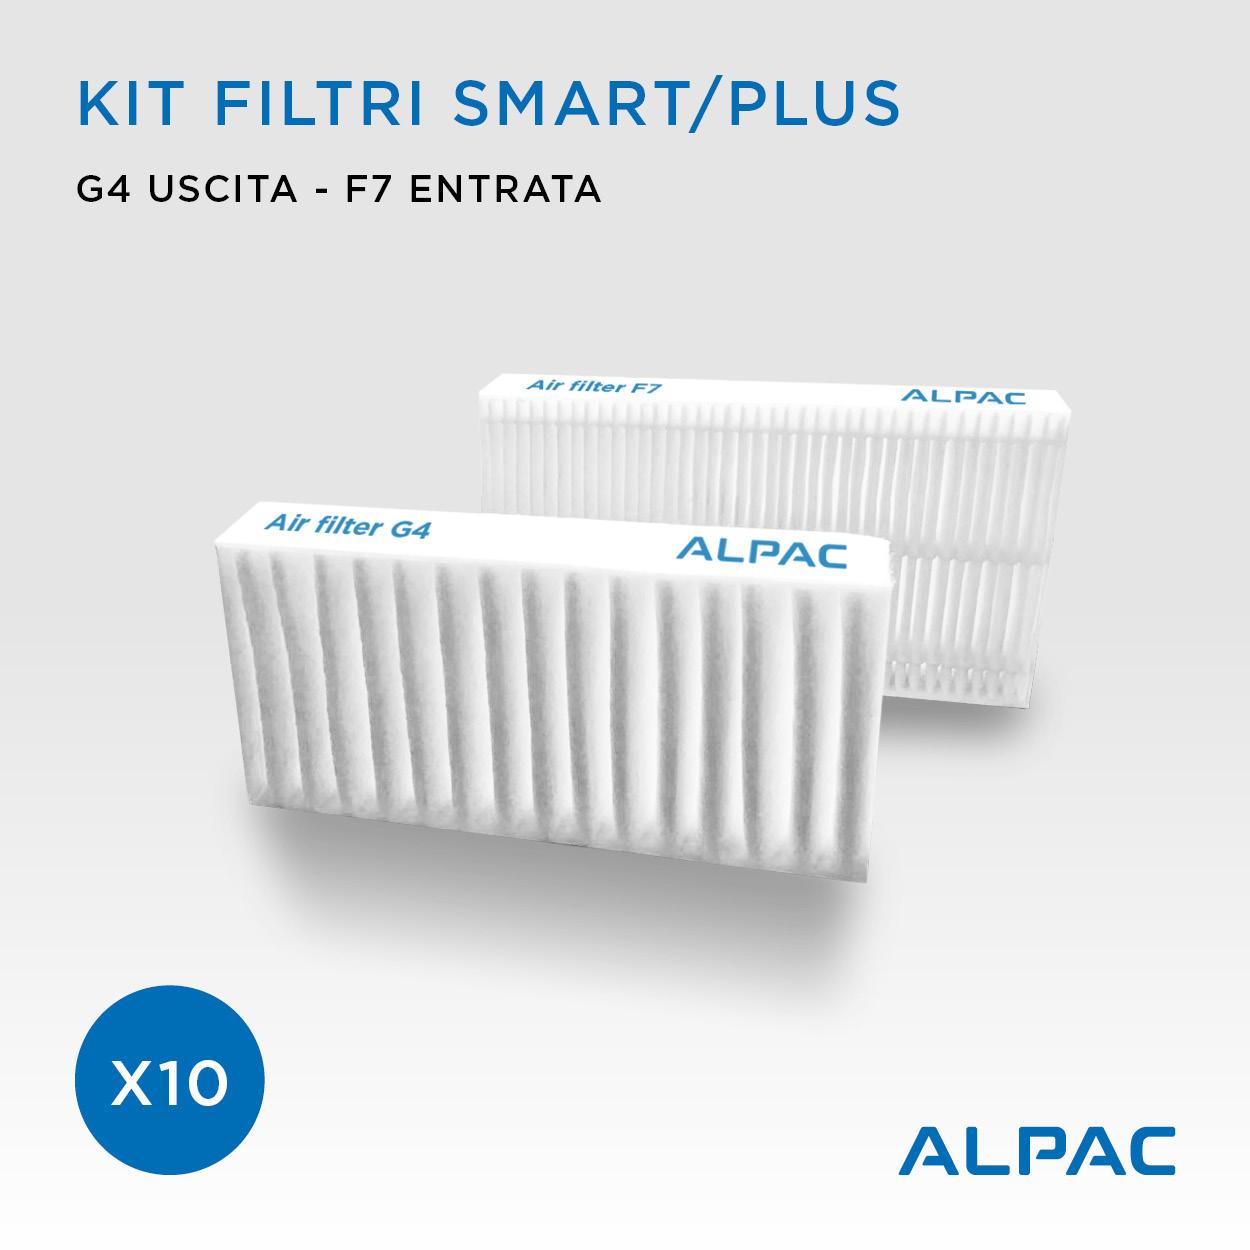 Kit ricambio filtri per Alpac VMC Smart e Plus x30 - CONF. PROMO - Climapac VMC Smart e Plus